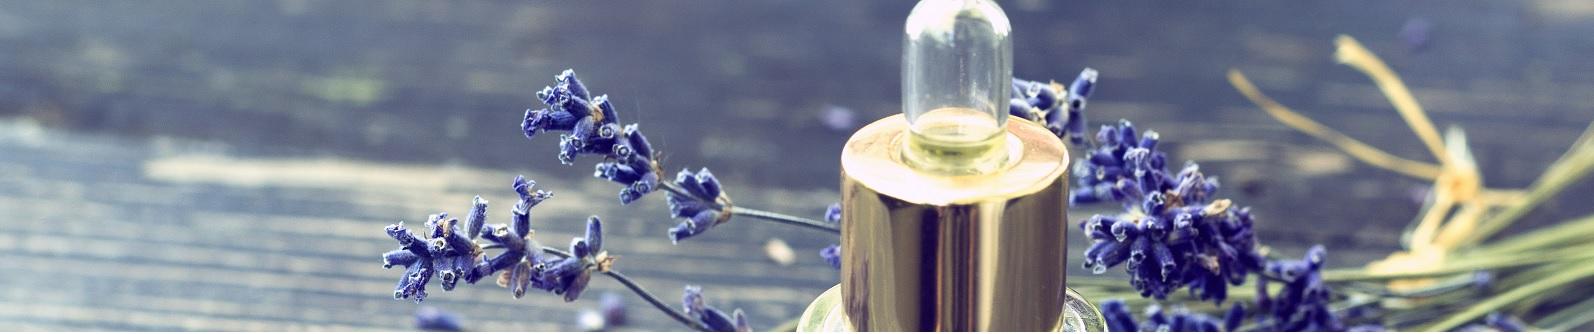 Accessoires cosmétique et parfumerie